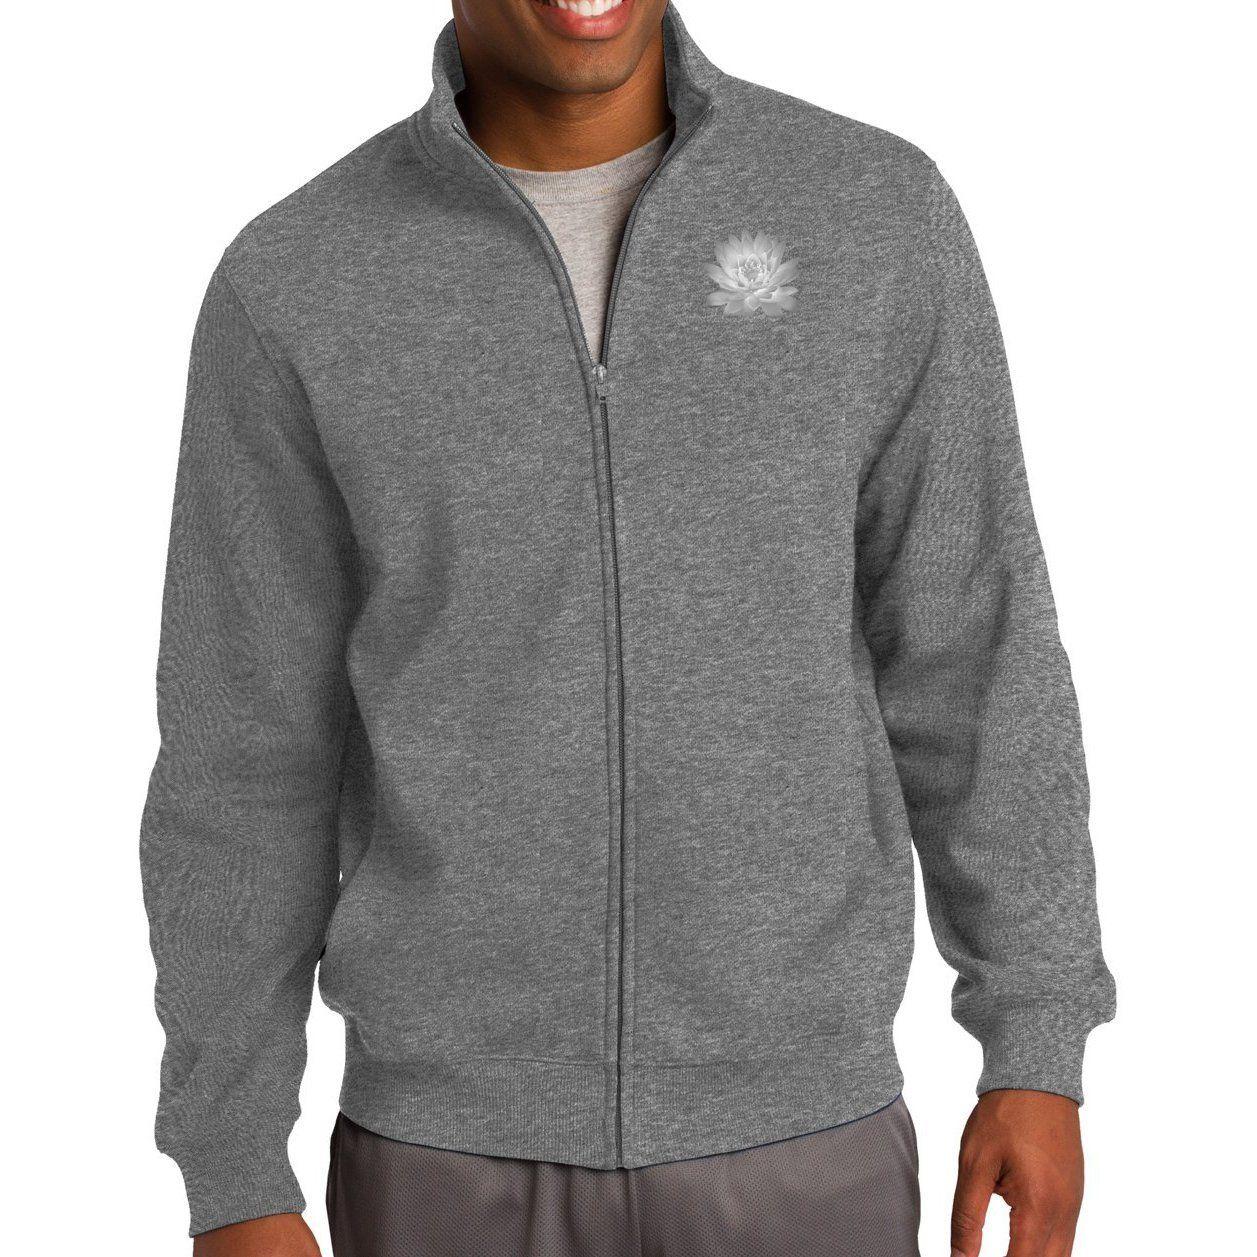 Mens Lotus Flower No Hood Zip Sweatshirt Pocket Print Comfortable Sweatshirt Zip Sweatshirt Sweatshirts [ 1257 x 1257 Pixel ]